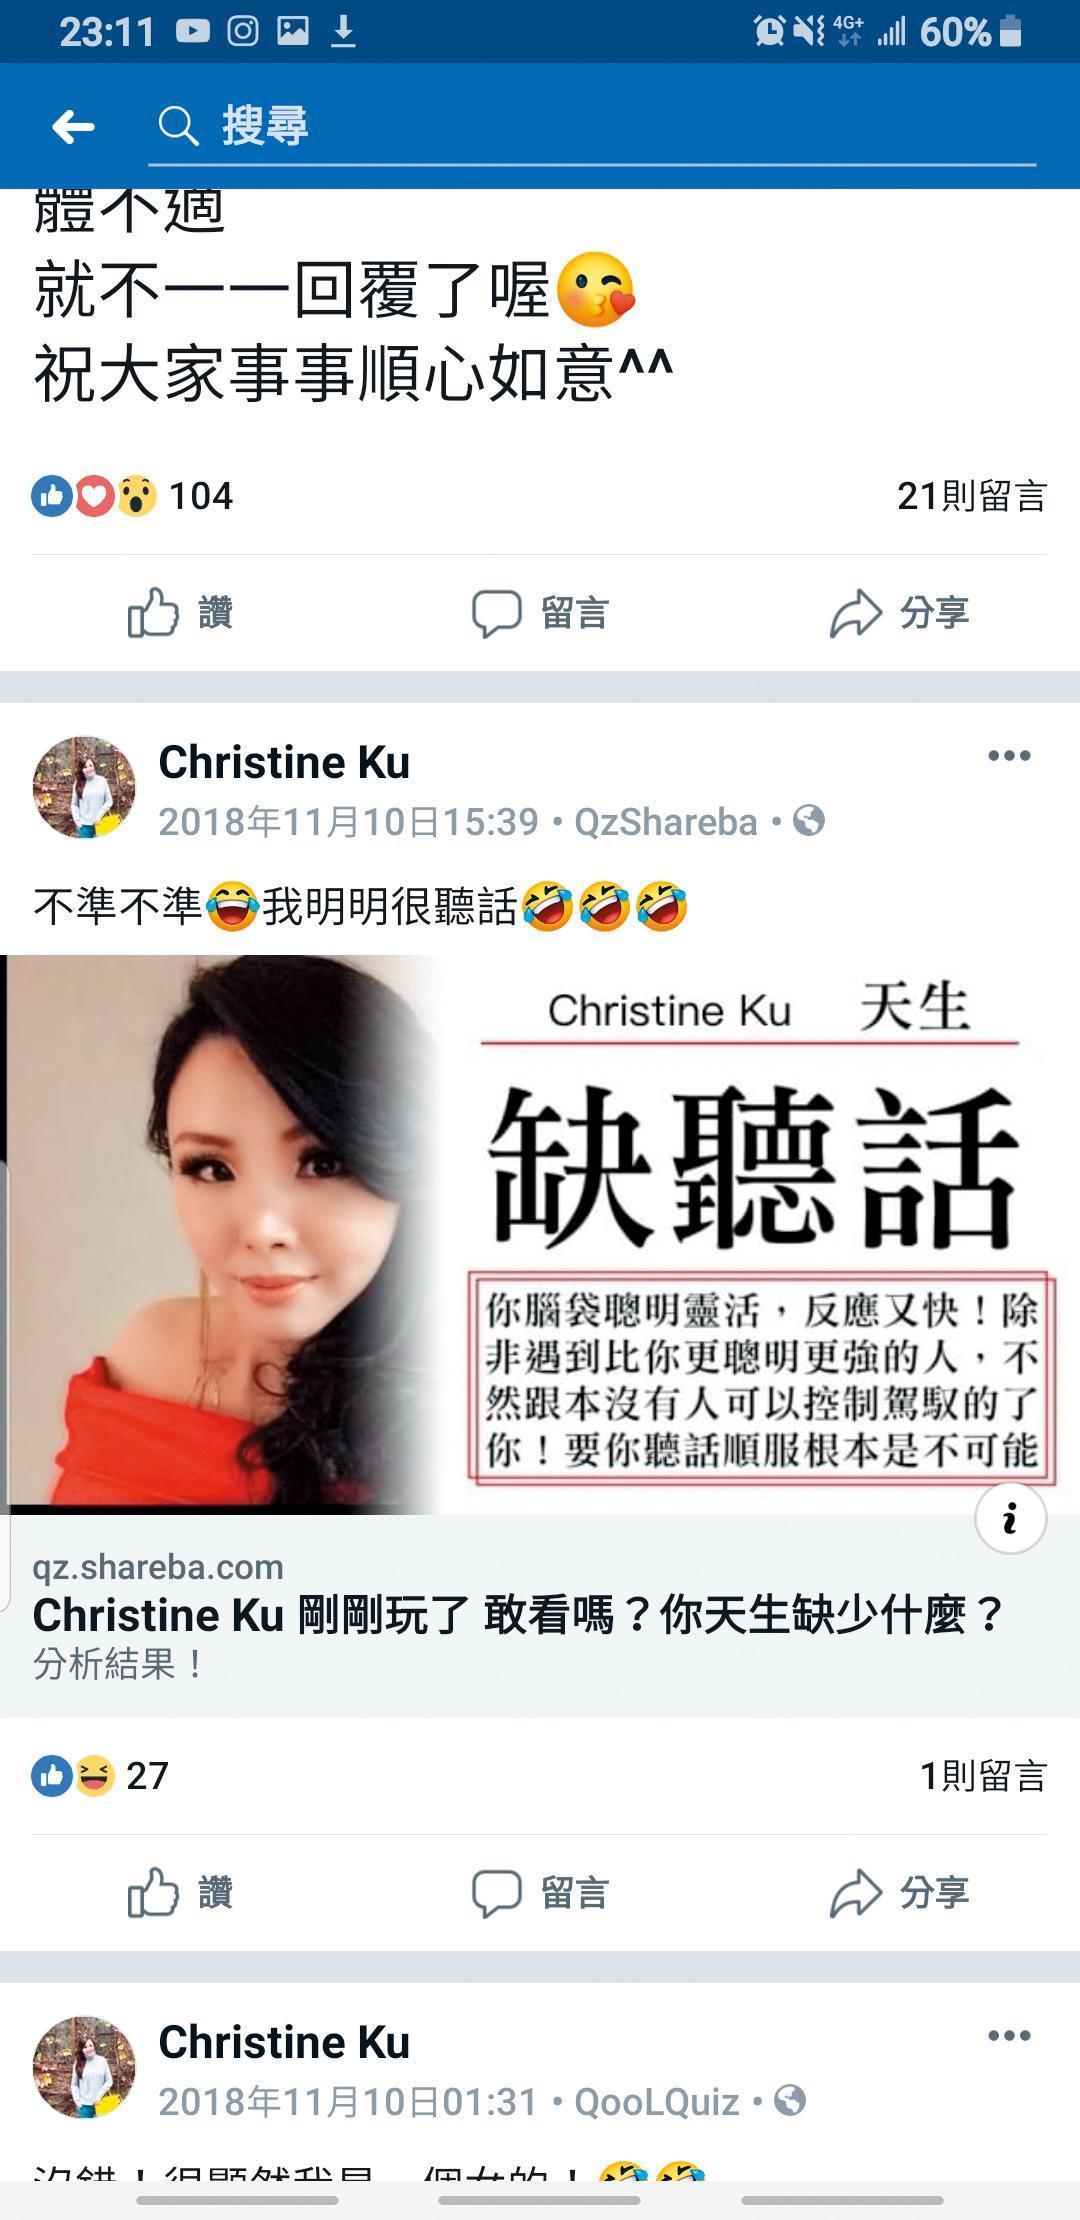 瀞涵曾在臉書上轉po命理遊戲結果,反駁說自己是很聽話的女生。(翻攝自Christine Ku臉書)